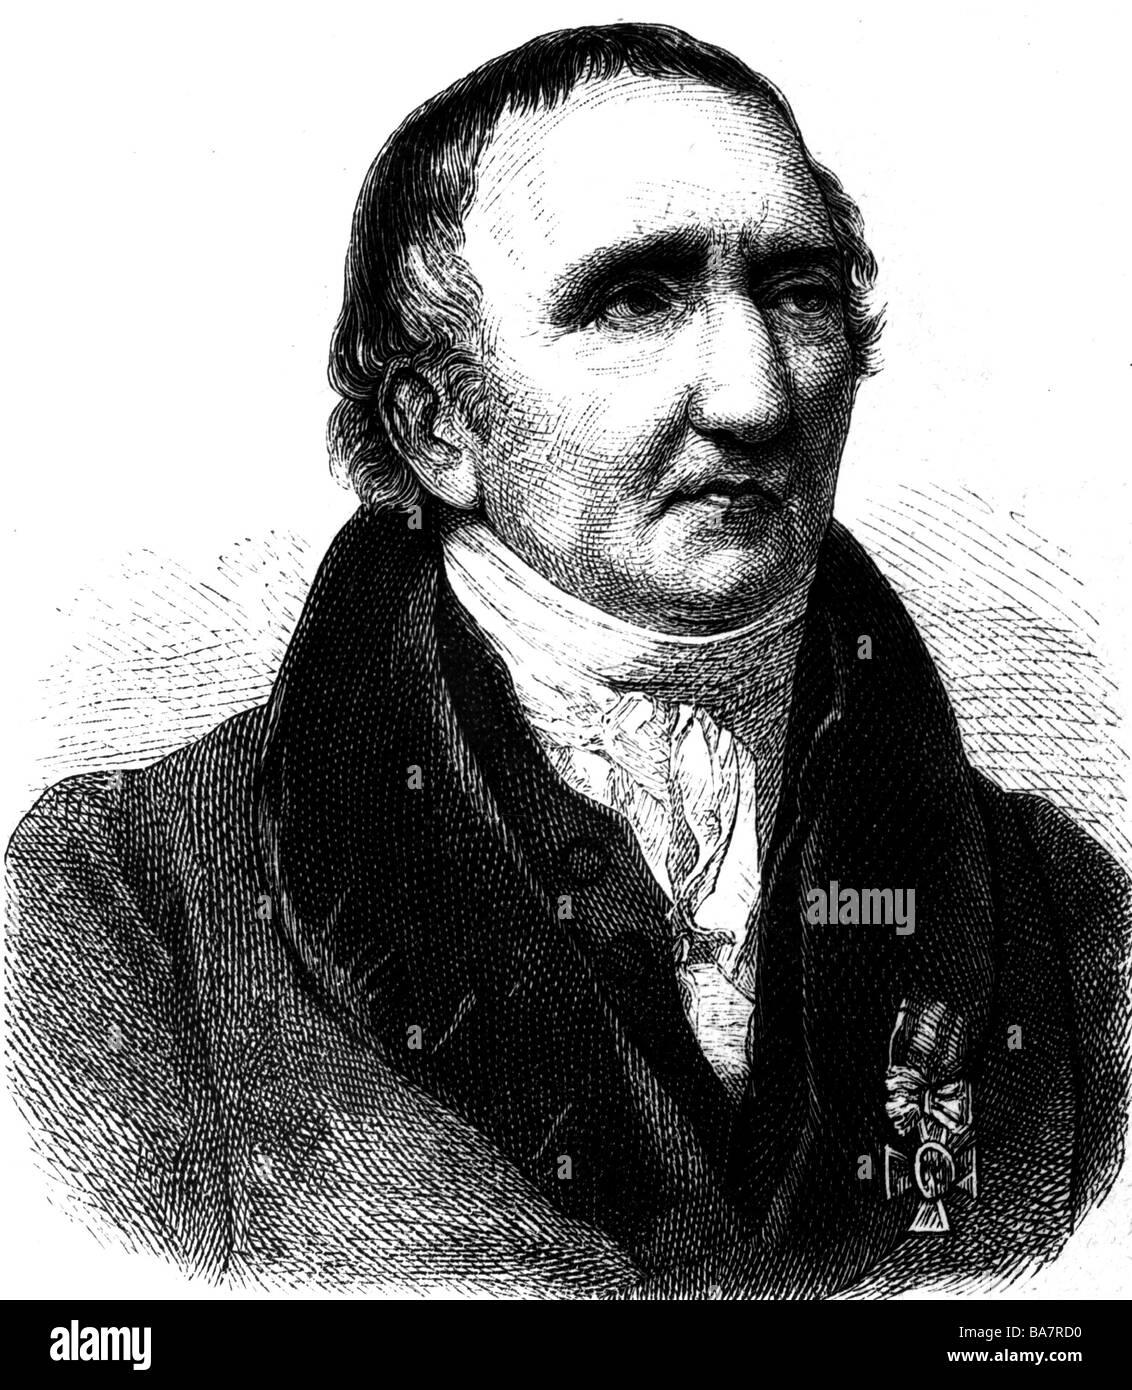 Schadow, Johann Gottfried, 20.5.1764 - 27.1.1850, escultor alemán, retrato, grabado, siglo 19, , Foto de stock